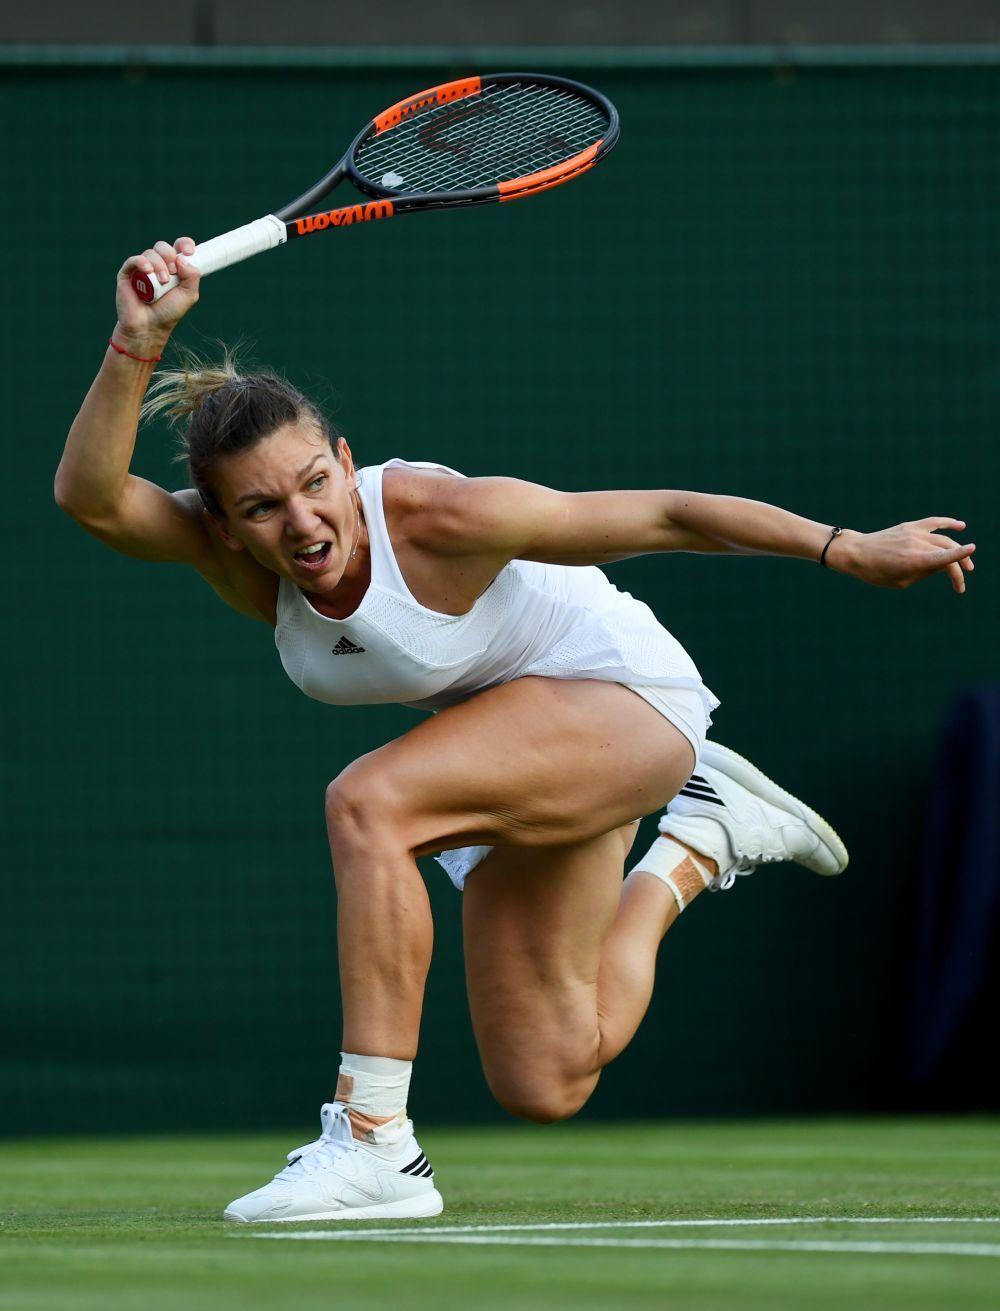 f3b6d0a984efbe Imaginea ZILEI la Wimbledon. Simona, PRINTESA RAZBOINICA! Cum arata bratele  ei in timpul unei lovituri - www.sport.ro